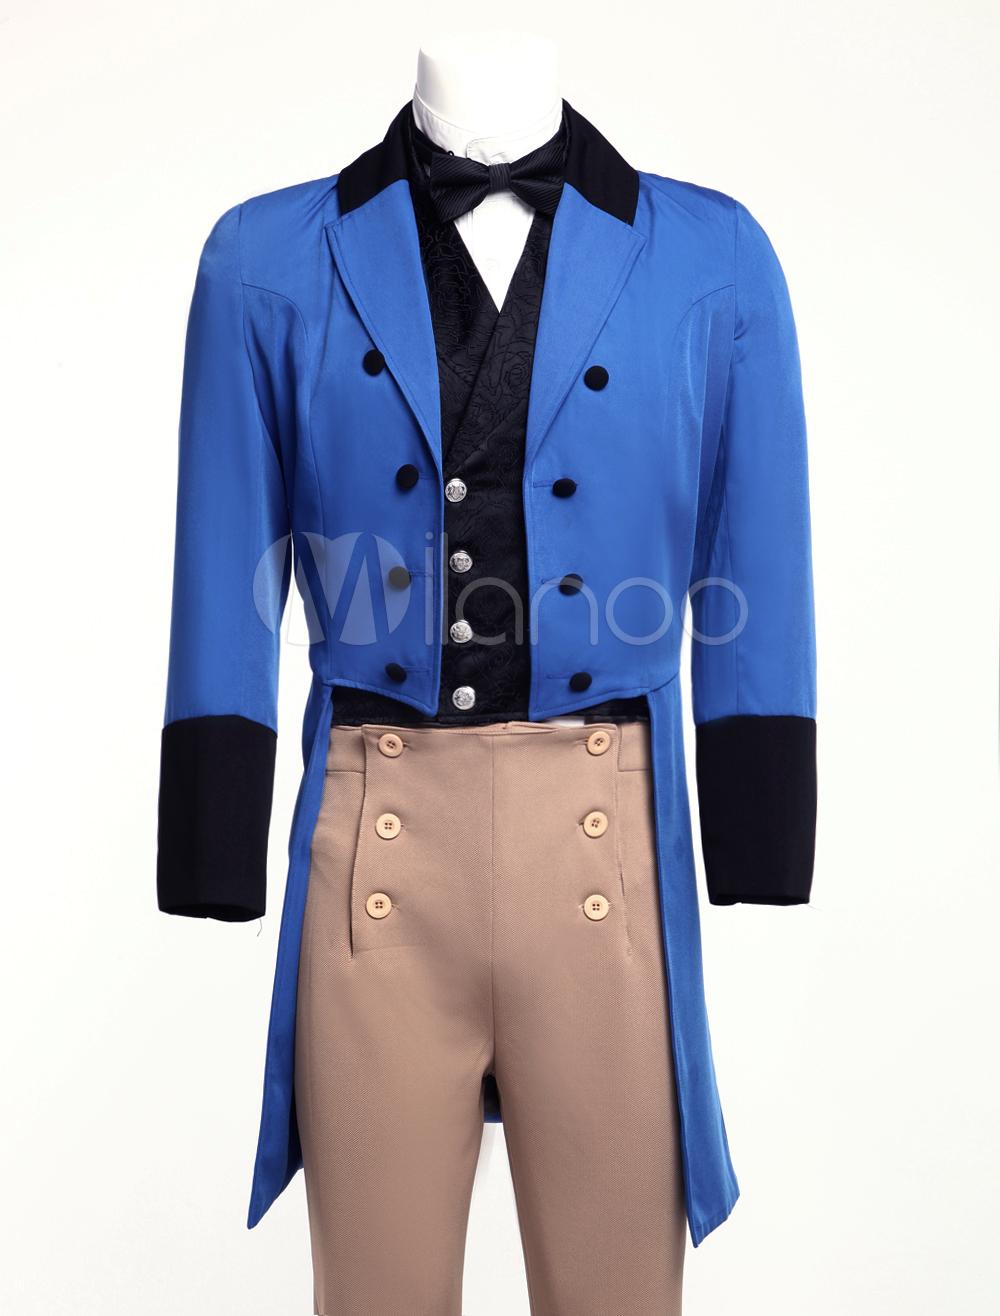 Buy Men's Vintage Costume Victorian Blue High Low Coat Retro Overcoat Halloween for $104.99 in Milanoo store